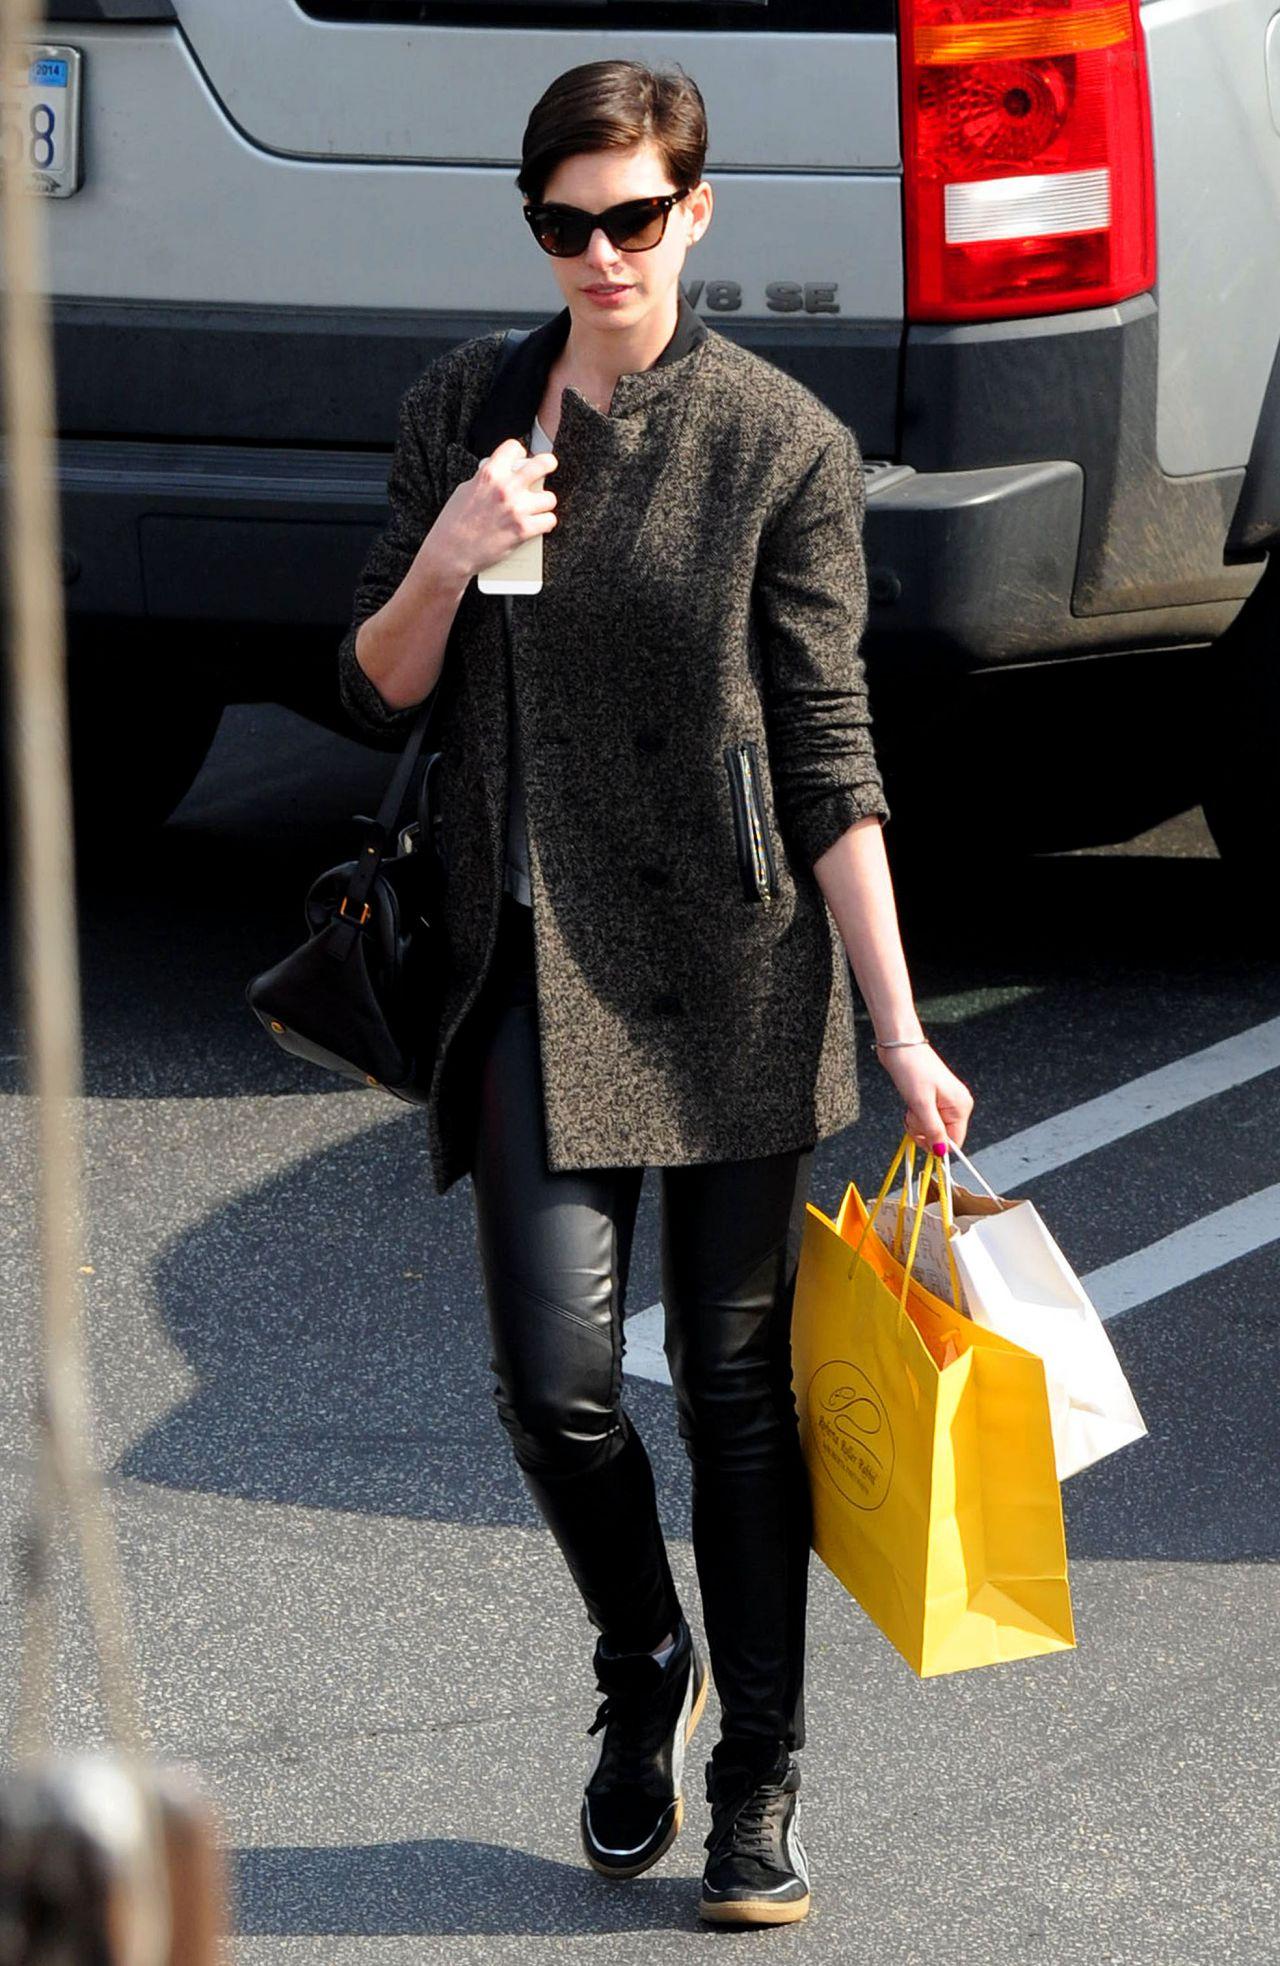 W stylu gwiazd: Anne Hathaway – blog.StyloweButy.pl